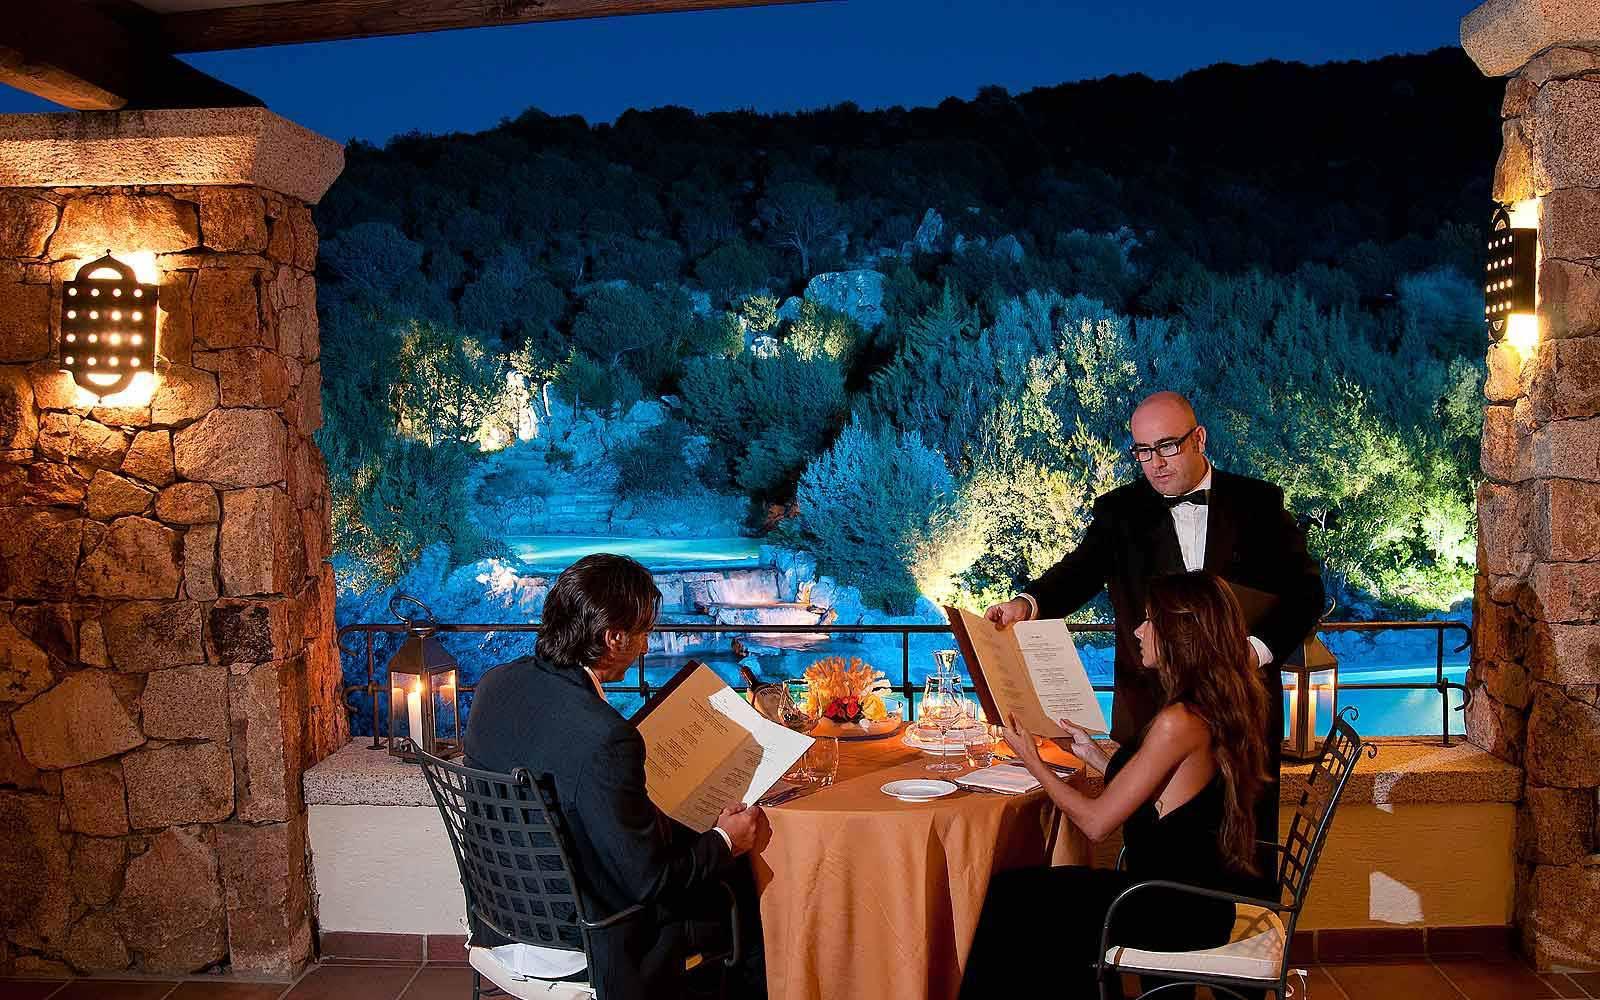 La Terrazze Restaurant at Colonna Pevero Hotel